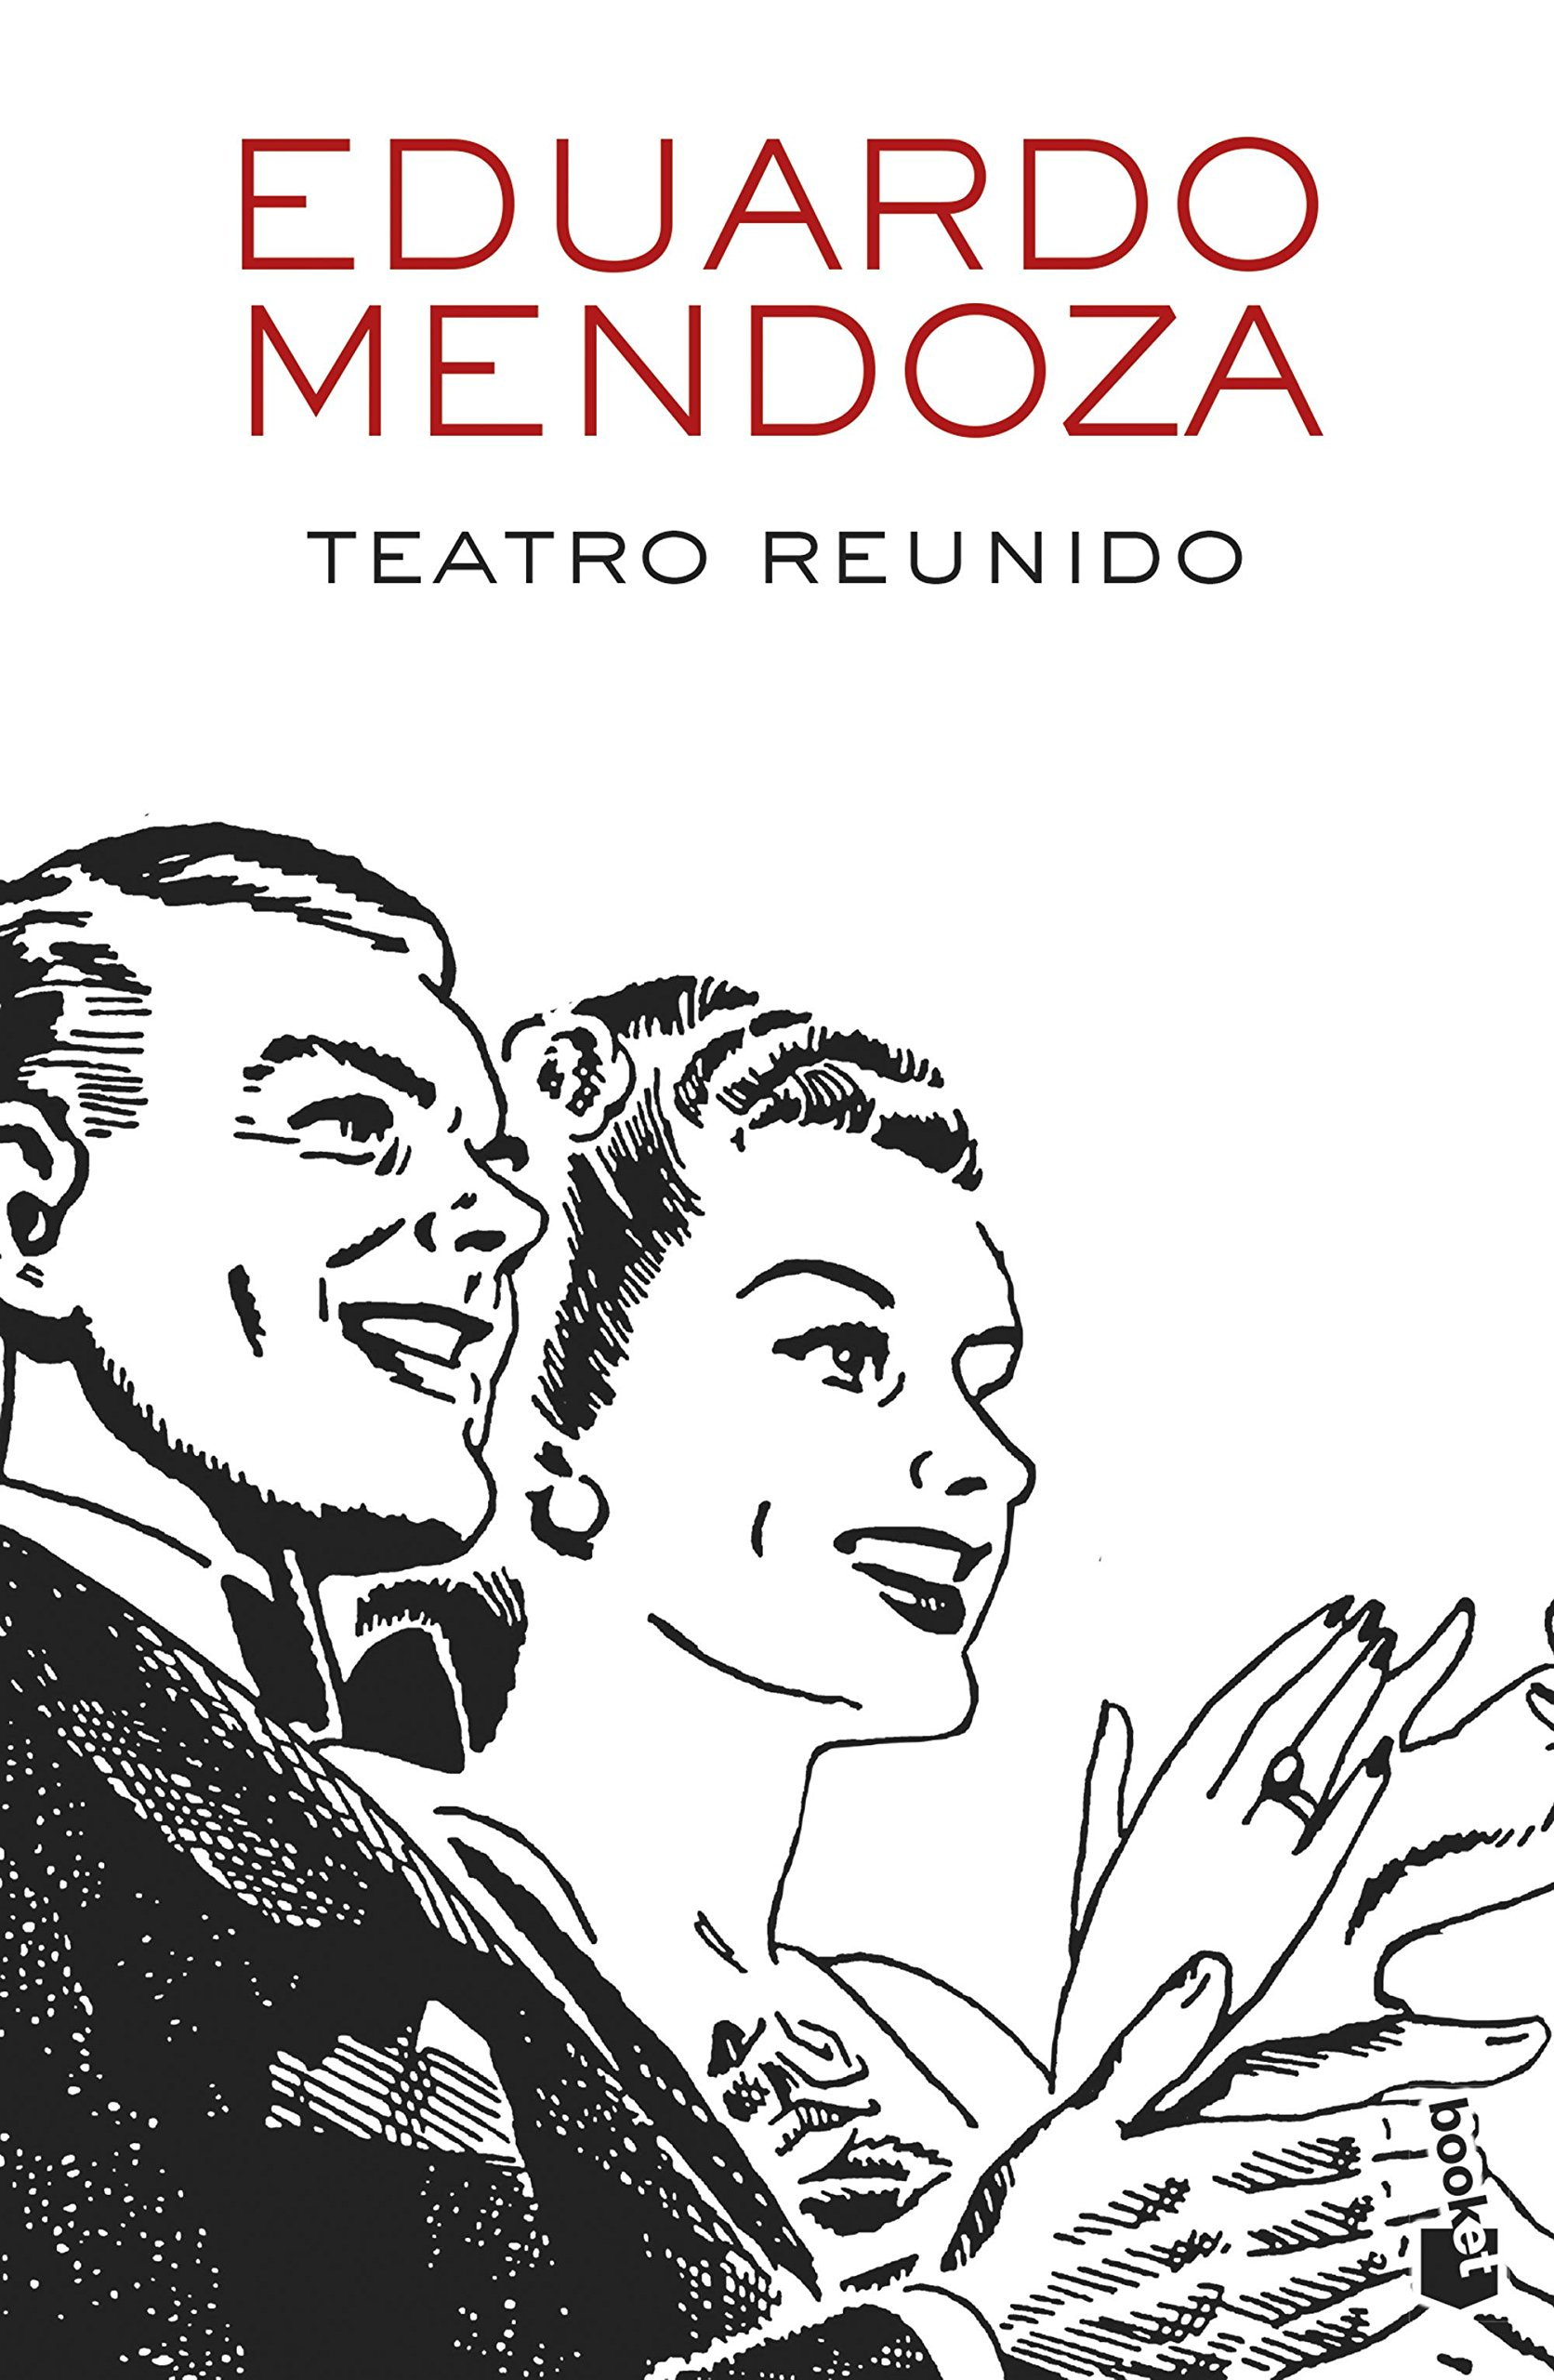 Teatro reunido (Biblioteca Eduardo Mendoza): Amazon.es: Eduardo Mendoza: Libros